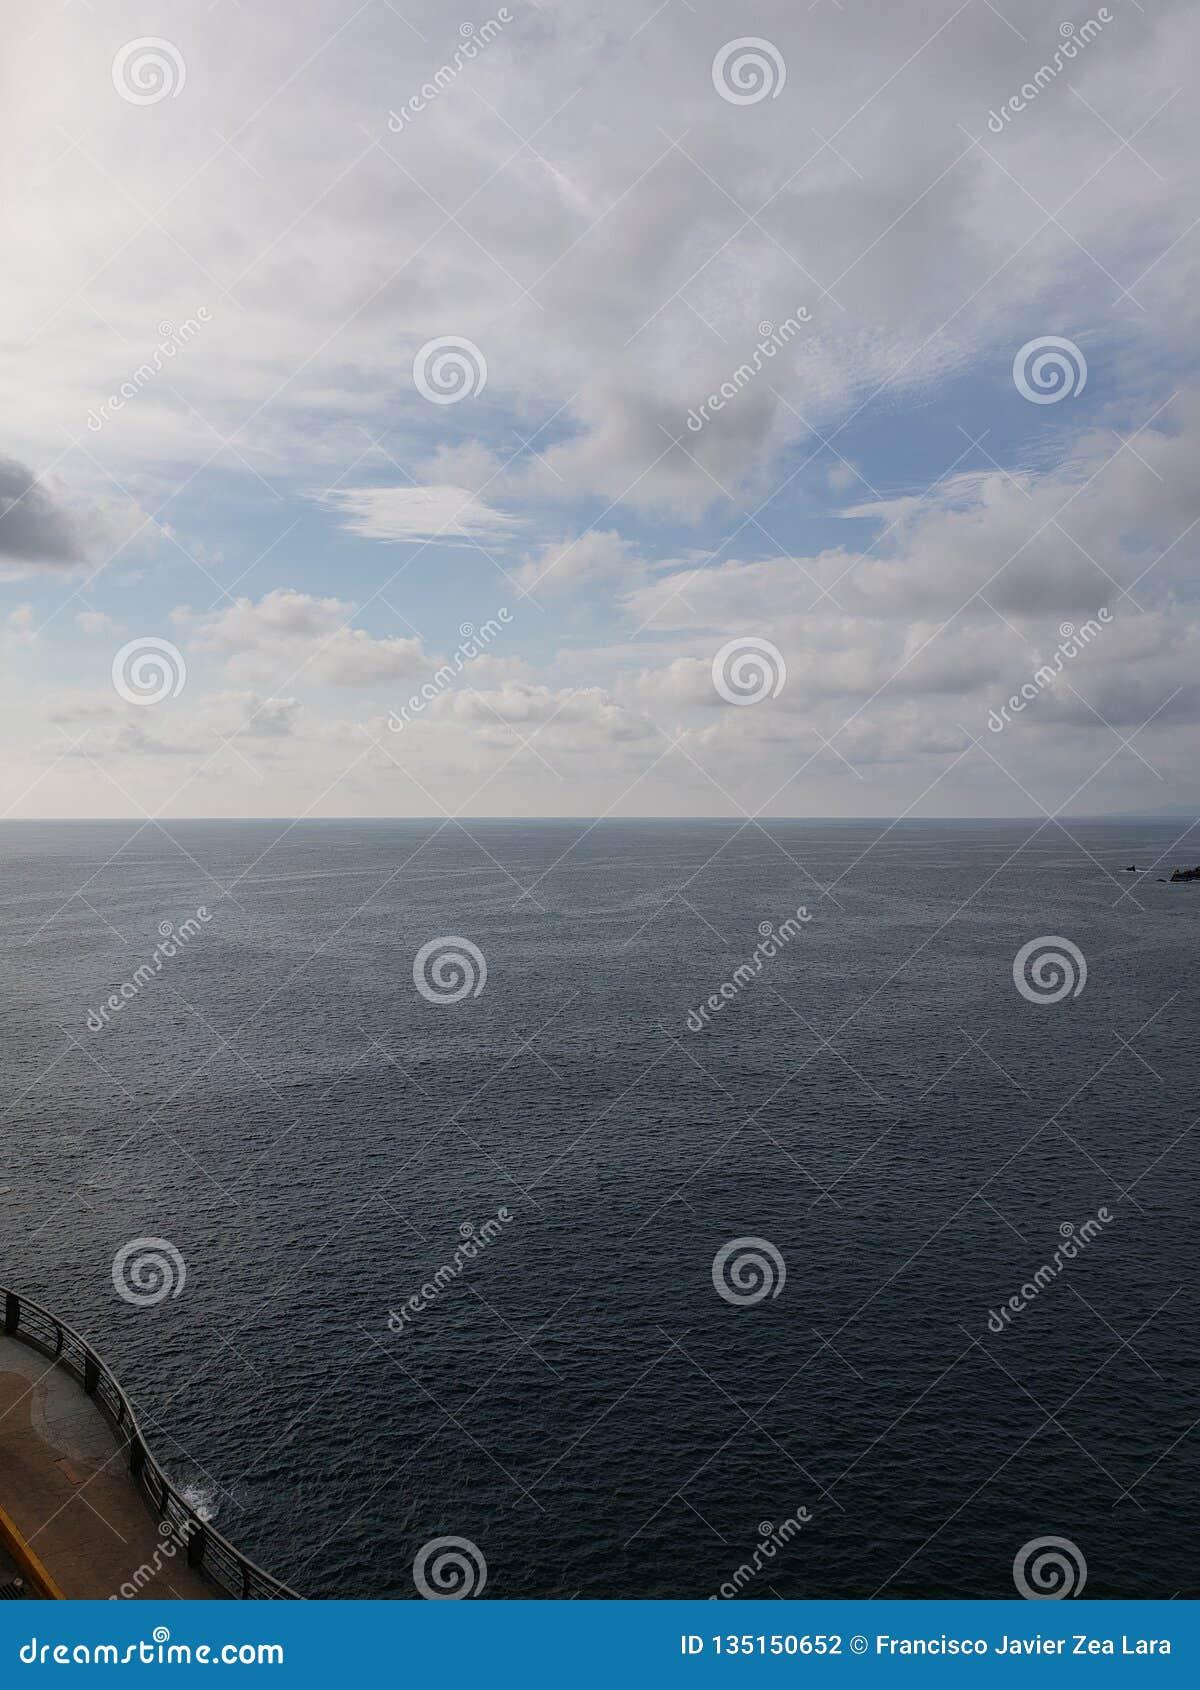 Landschaft mit dem Horizont zwischen dem Meer und dem blauen Himmel mit weißen Wolken in Acapulco